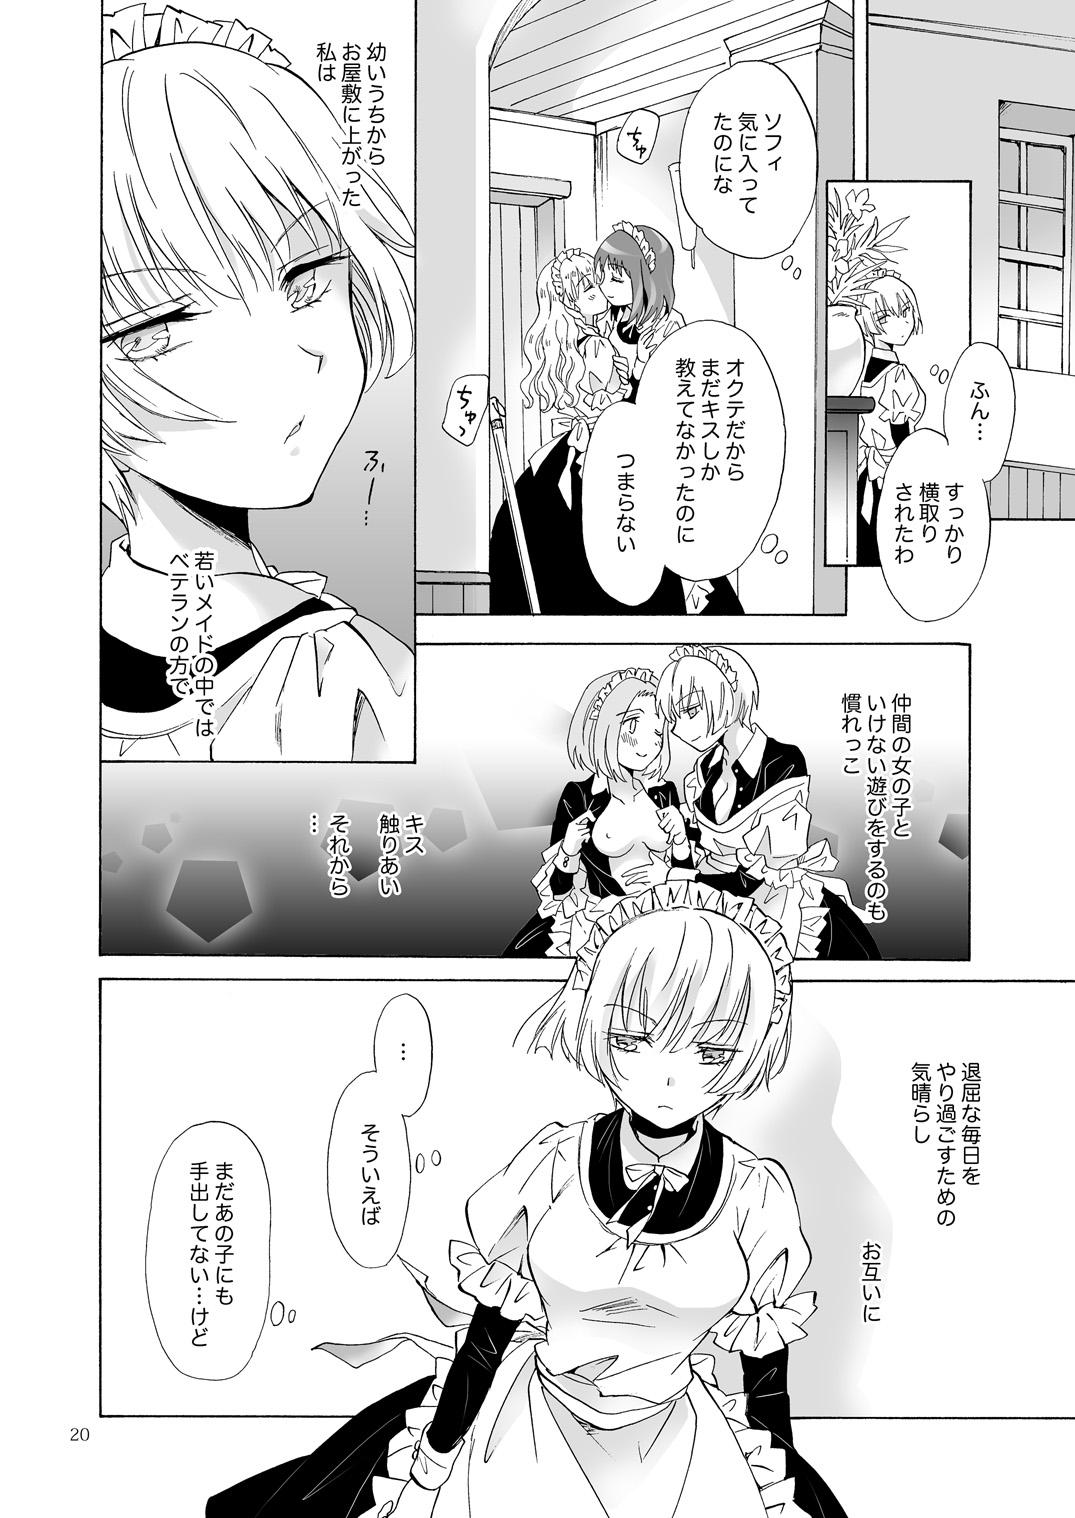 【エロ漫画・エロ同人誌】巨乳メイドがちっぱいメイドとレズエッチwww (19)